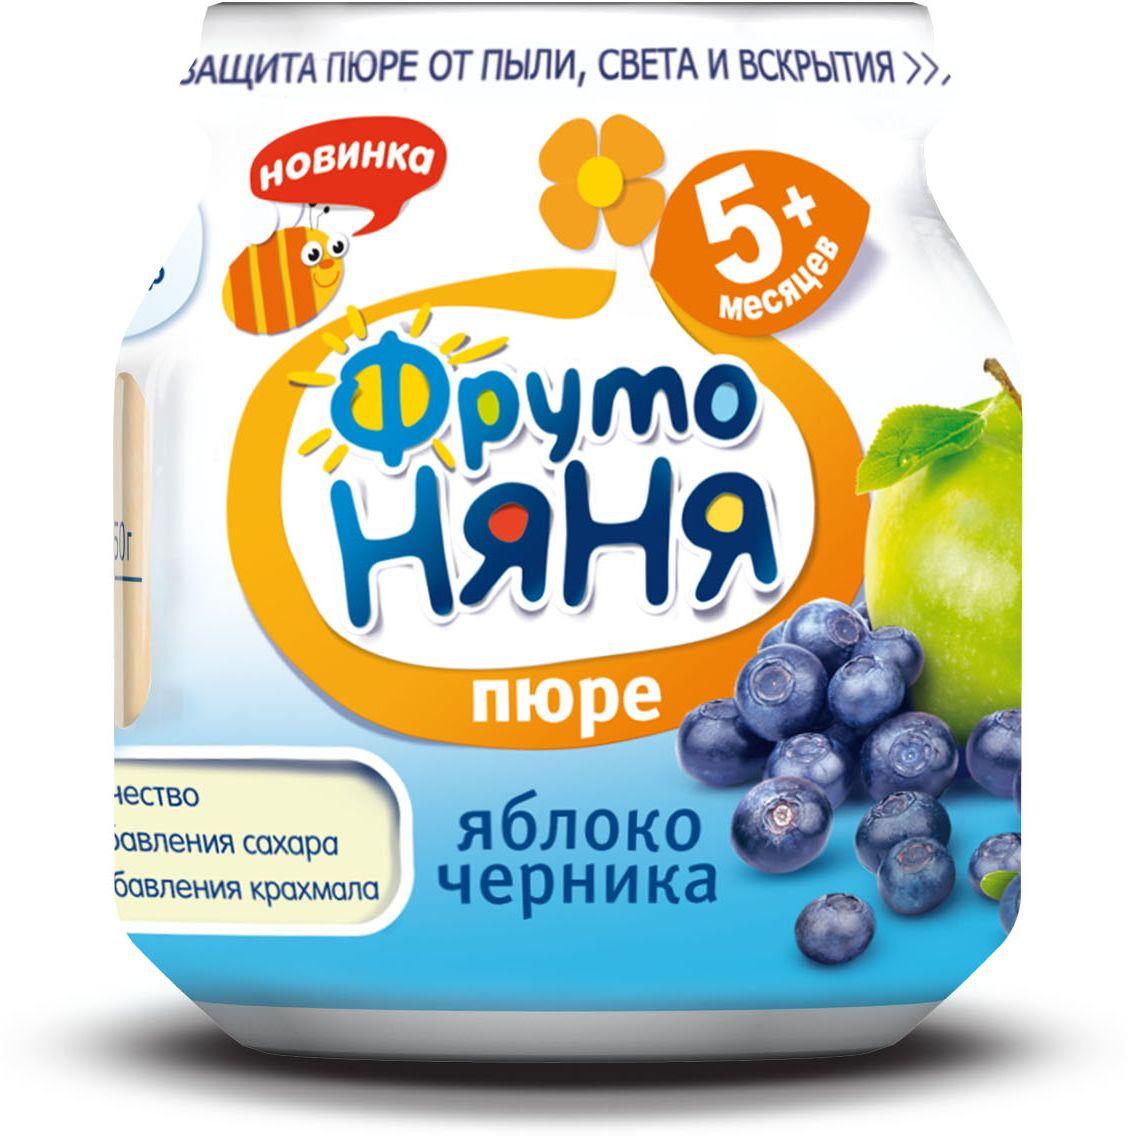 ФрутоНяня пюре из яблок и черники с 5 месяцев, 100 гP071171100% качествобез добавления сахарабез добавления крахмала